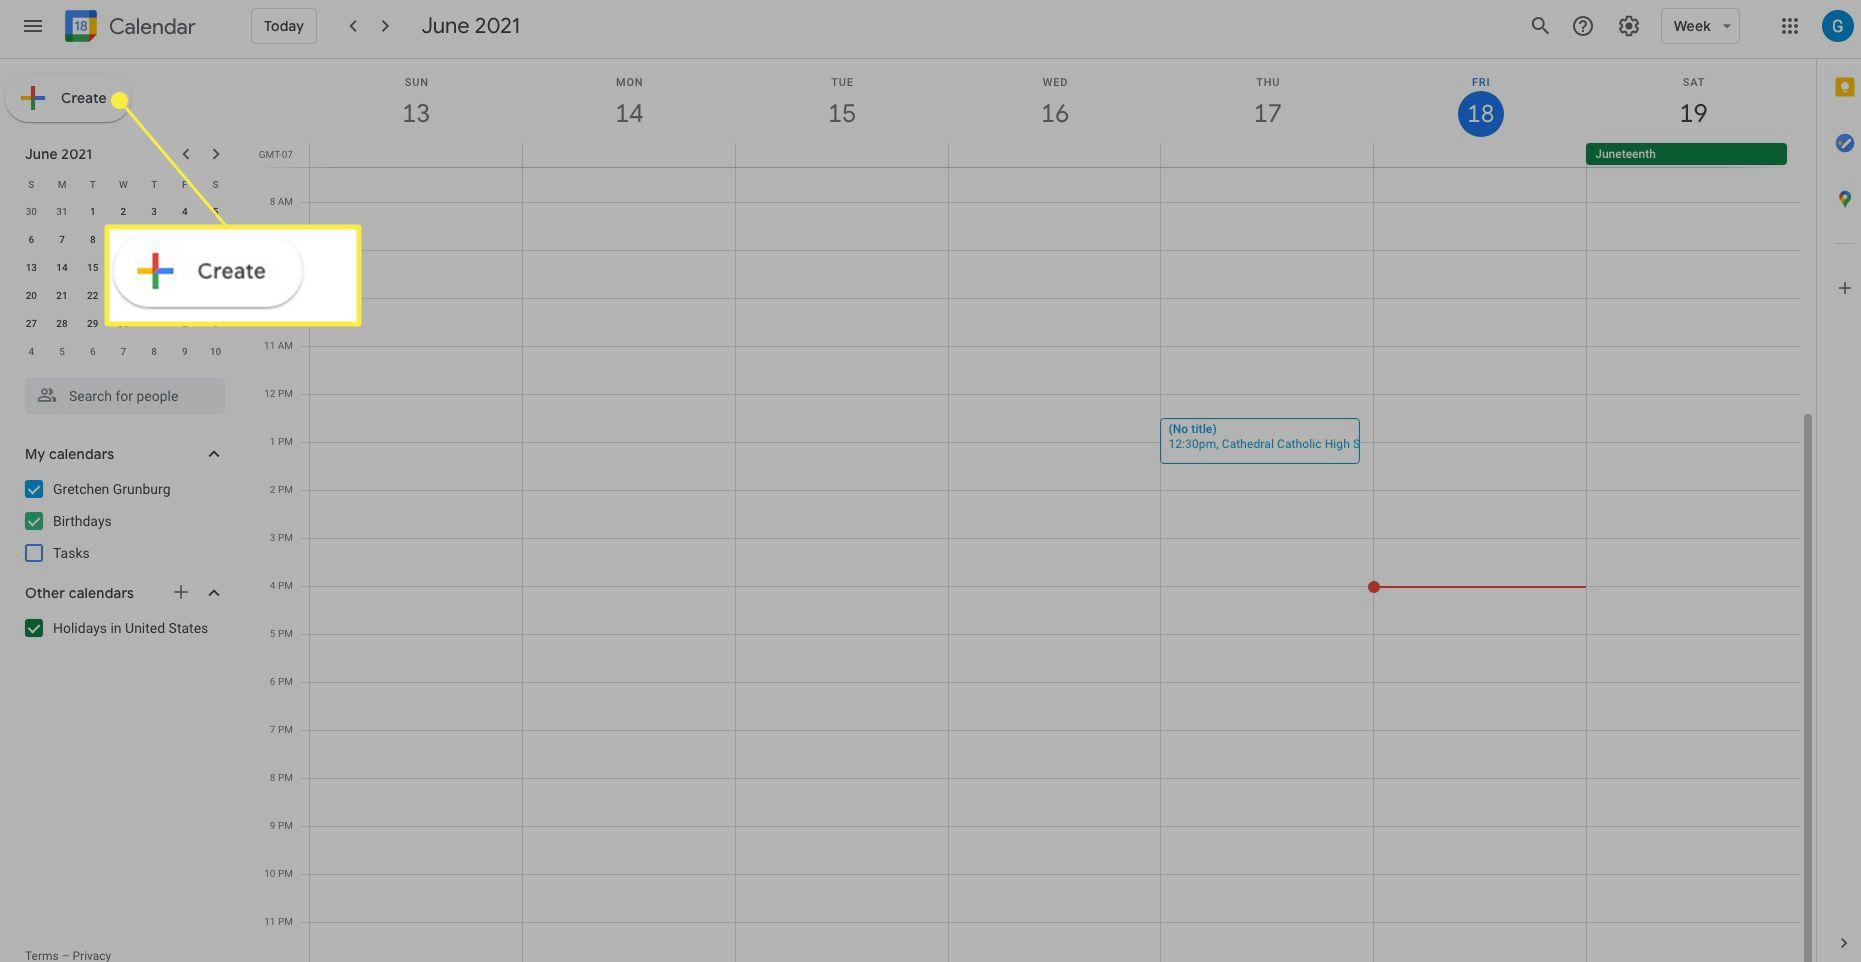 Google Calendar with Create highlighted